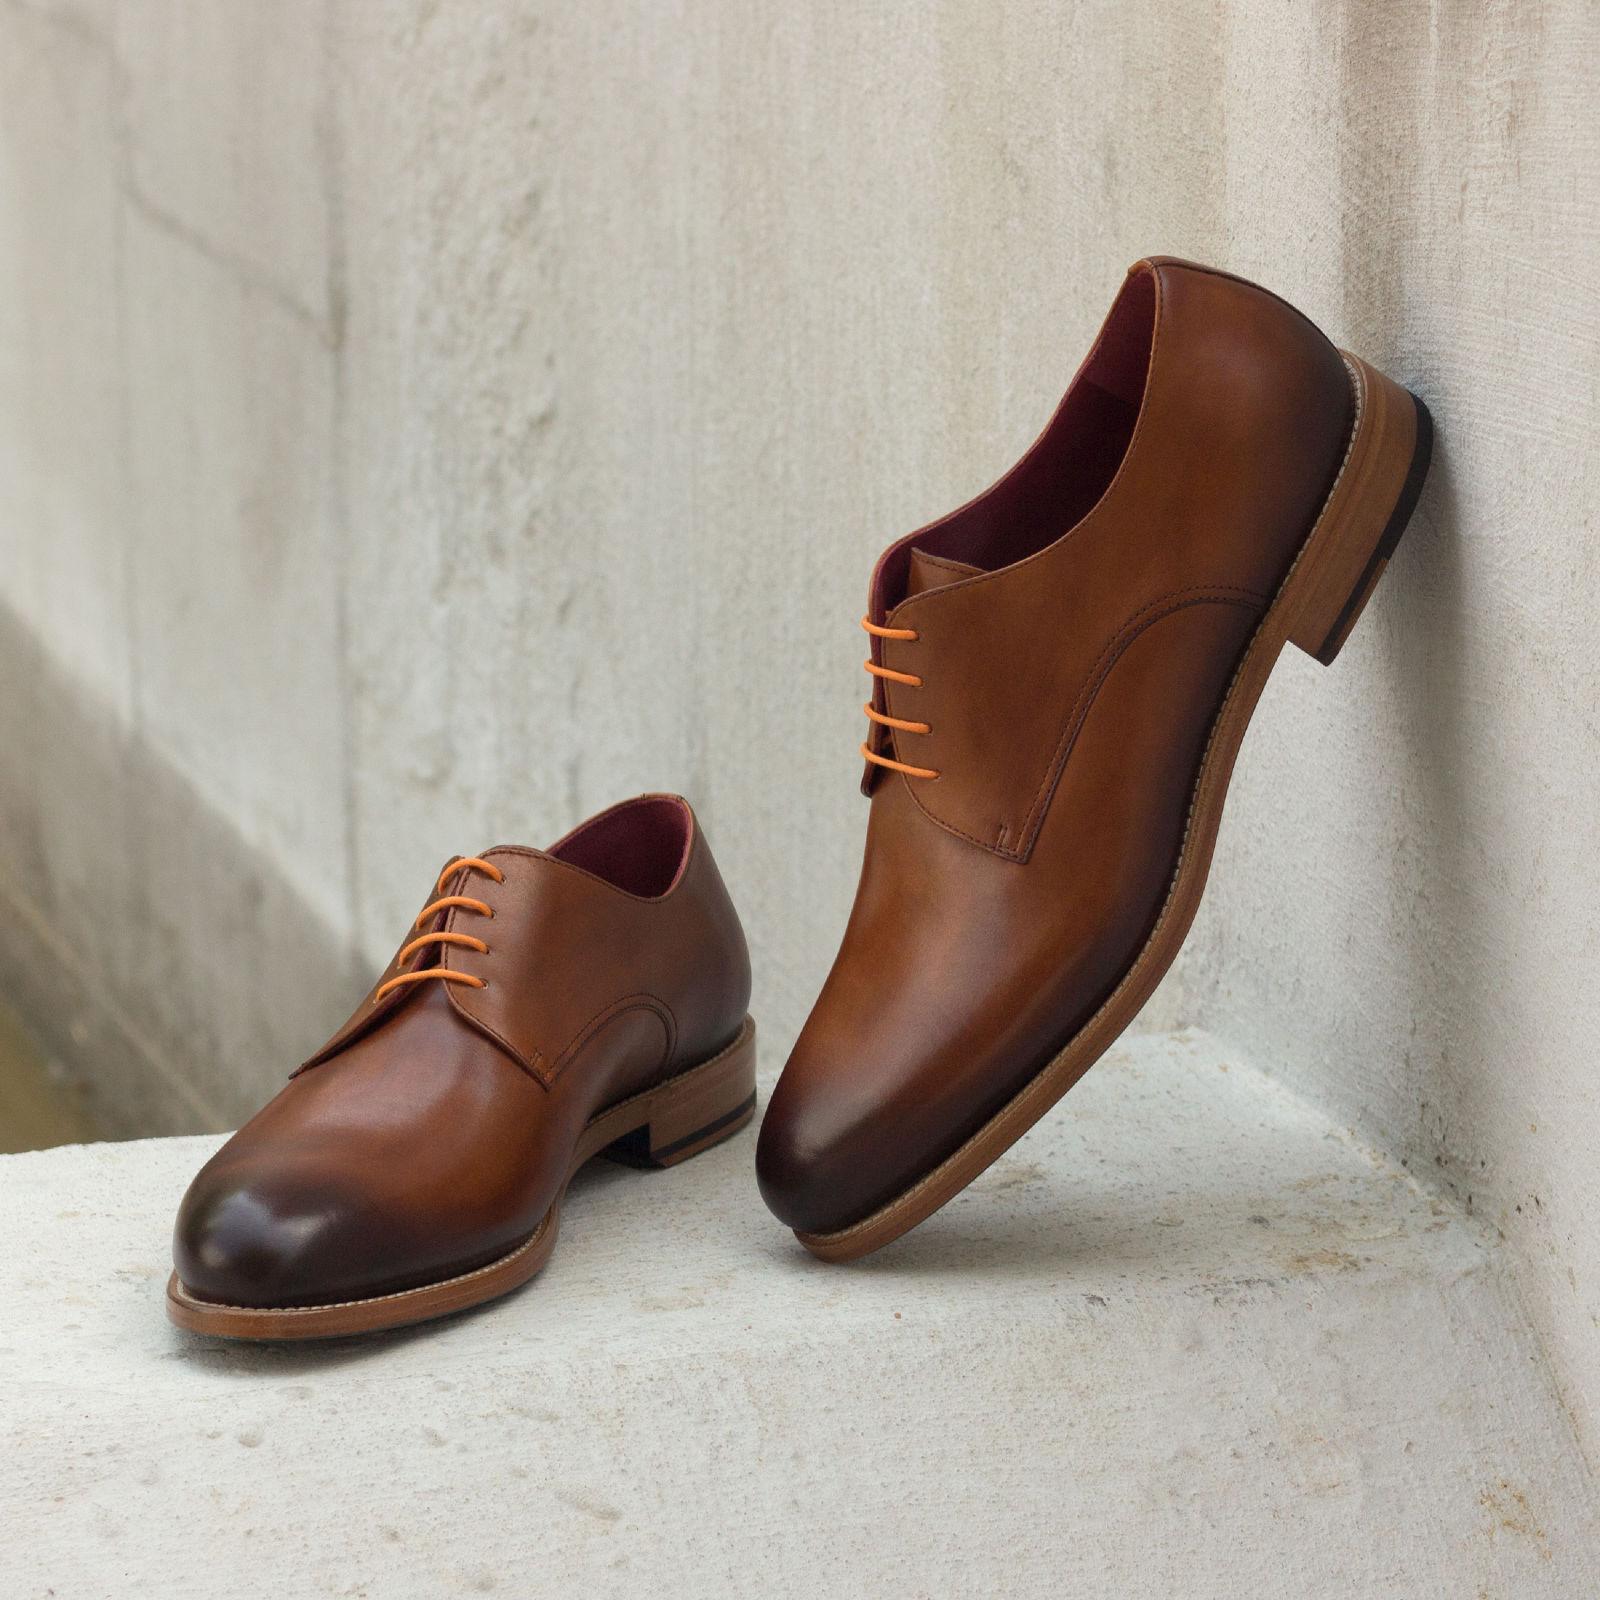 Chaussures artisanales en cuir : nos conseils pour choisir votre chausseur